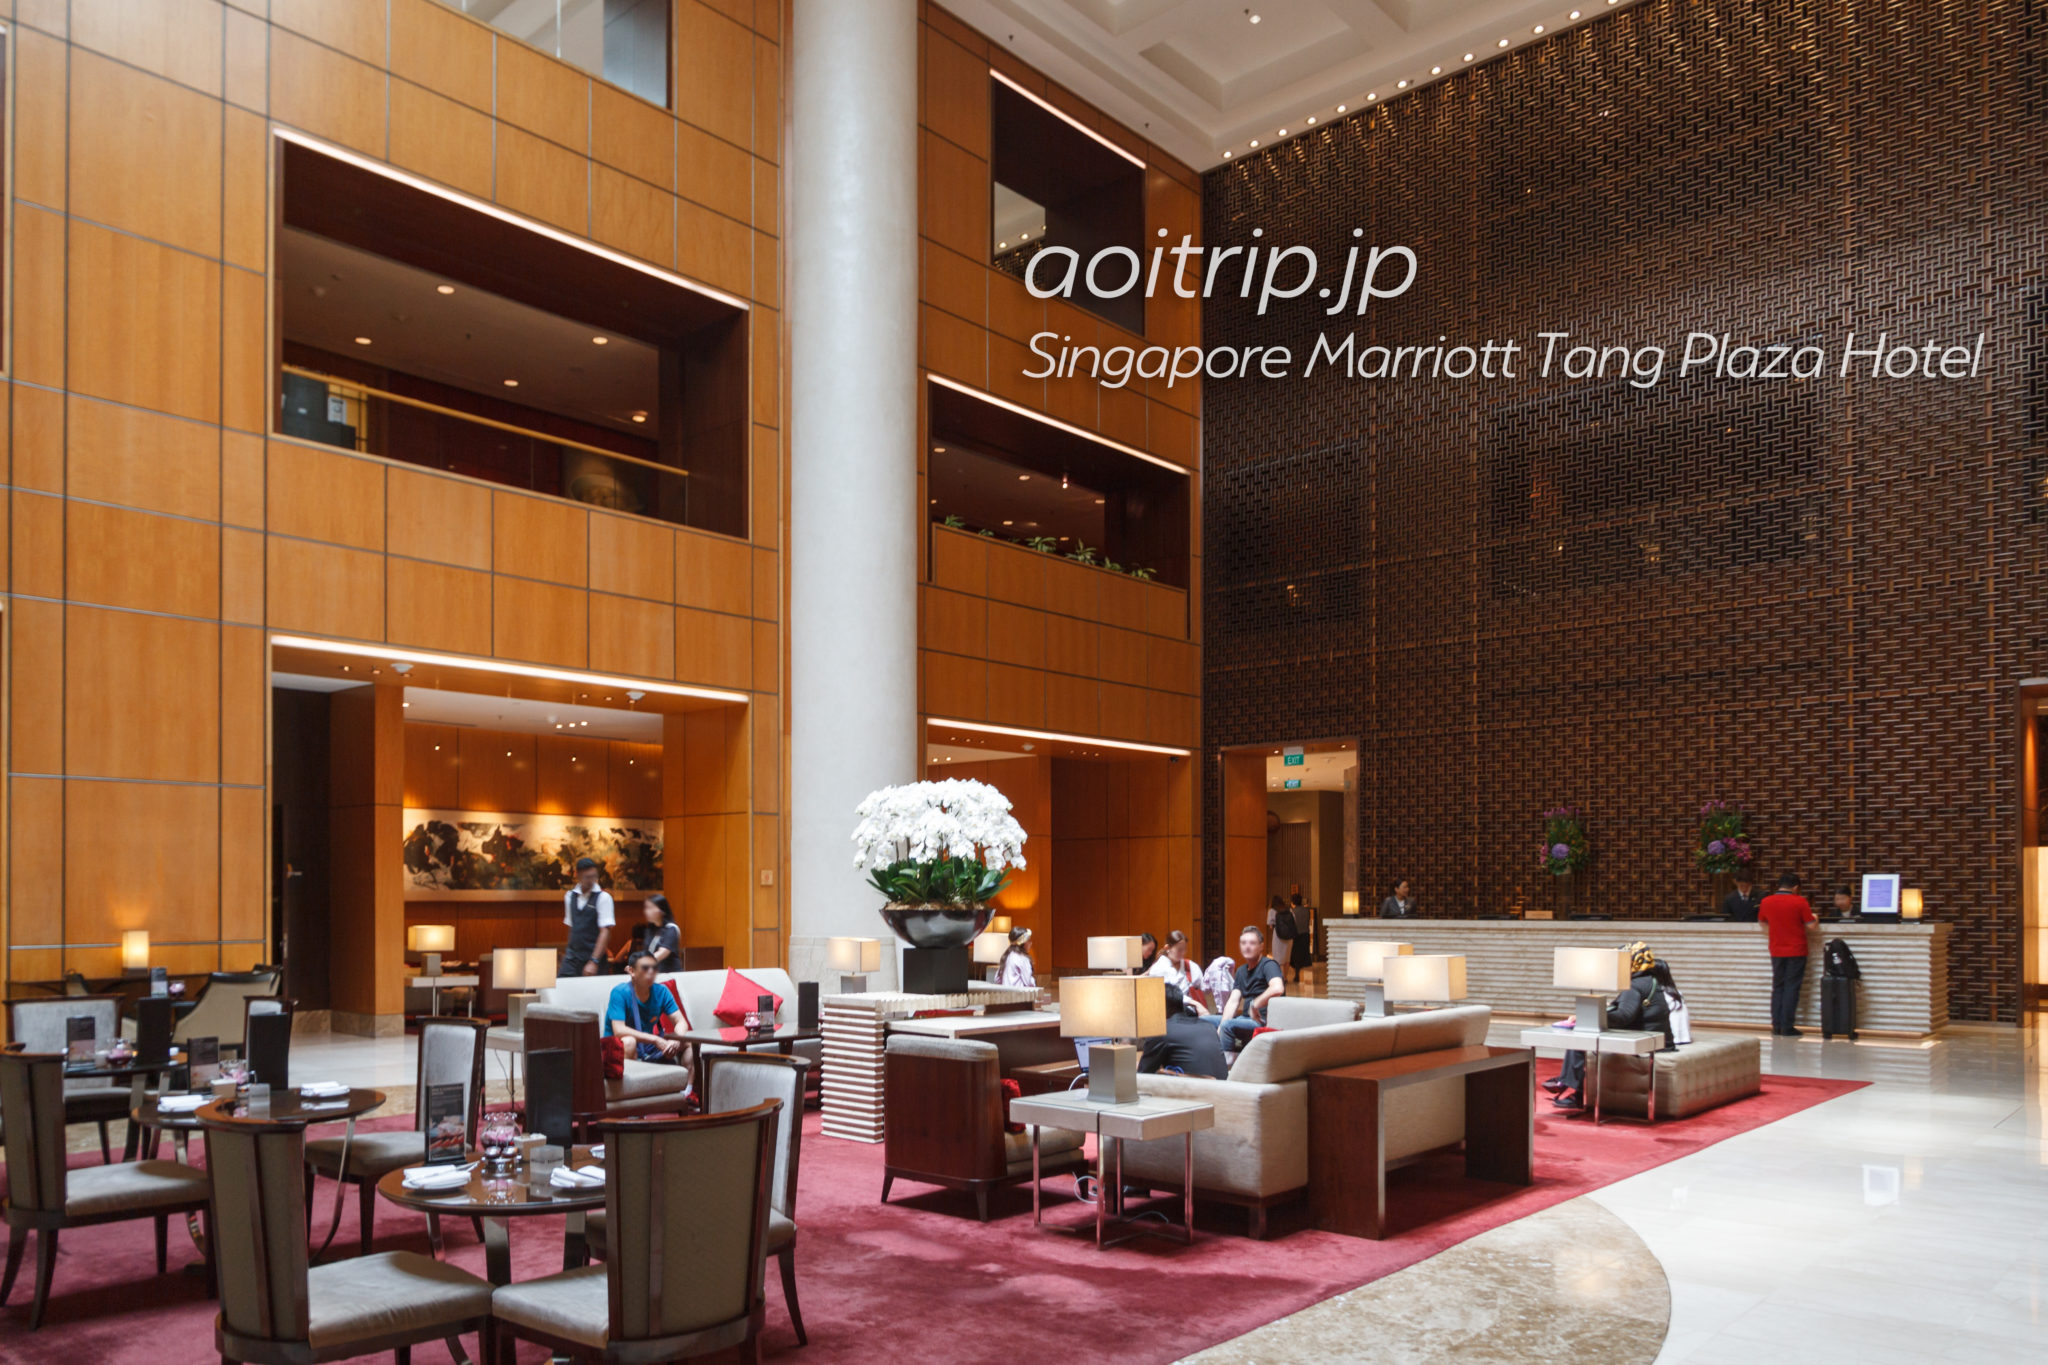 シンガポール マリオット タング プラザ ホテルのホテルロビー